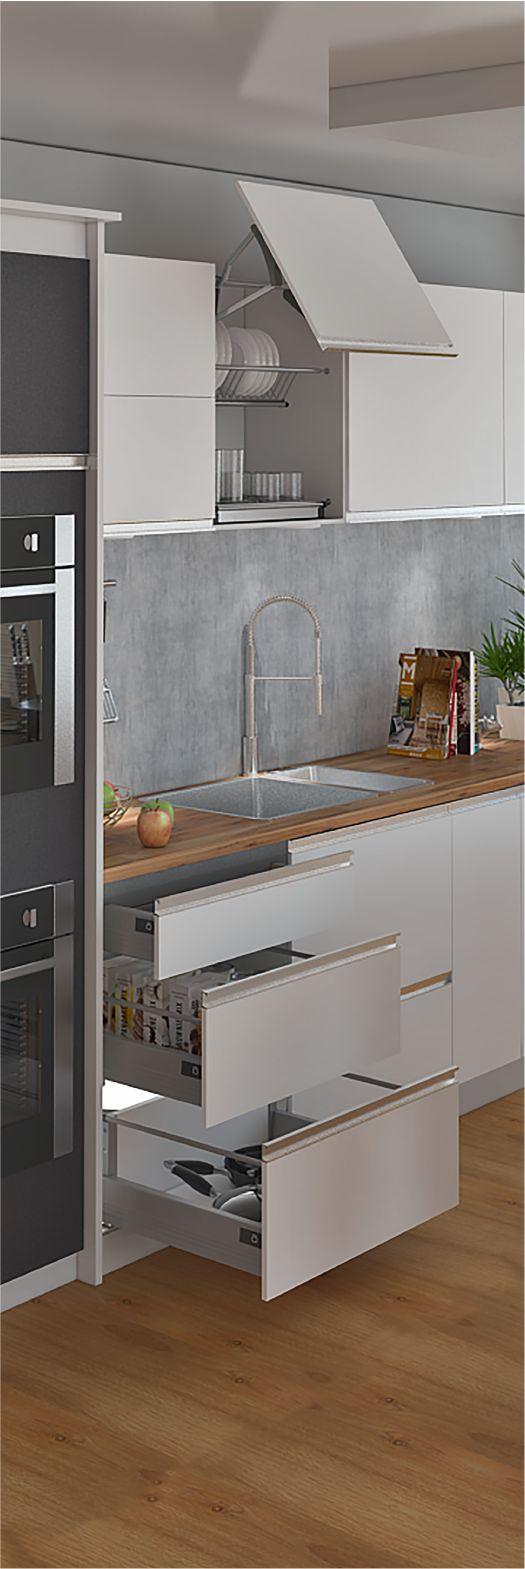 Construye espacios acogedores y muy sofisticados con nuestros herrajes Bonuit que te brindan gran variedad de diseños y tamaños para hacer tu cocina ideal. ¿Cómo es tu cocina ideal? www.madecentro.com